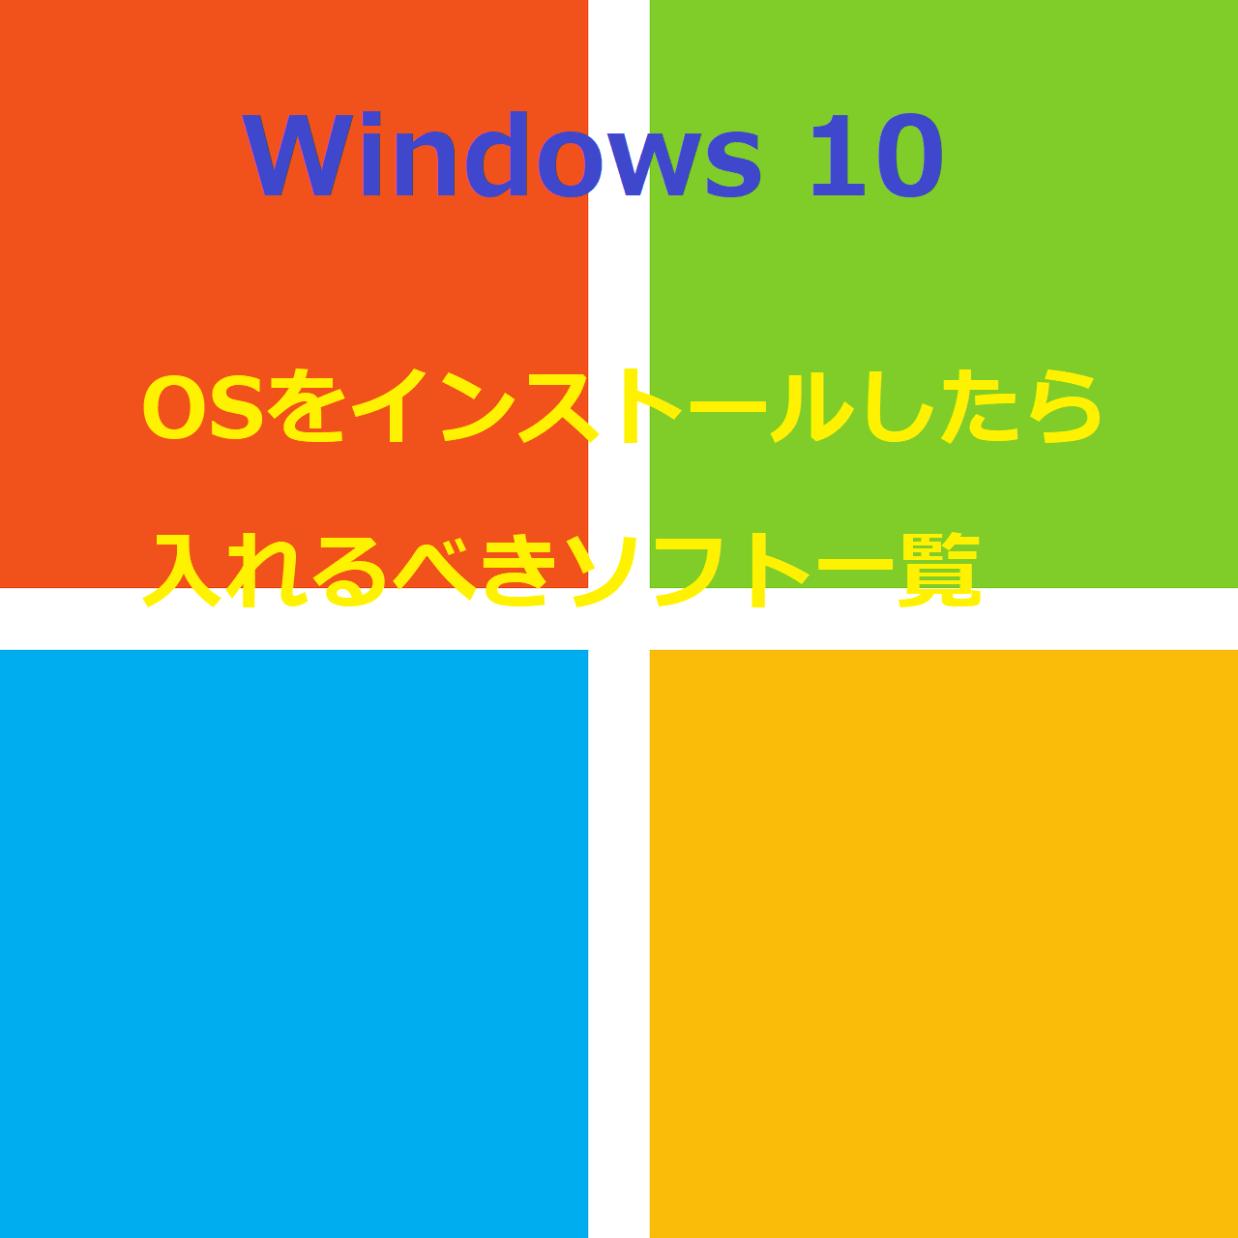 【Windows10】OSをインストールしたら入れるべきソフト一覧